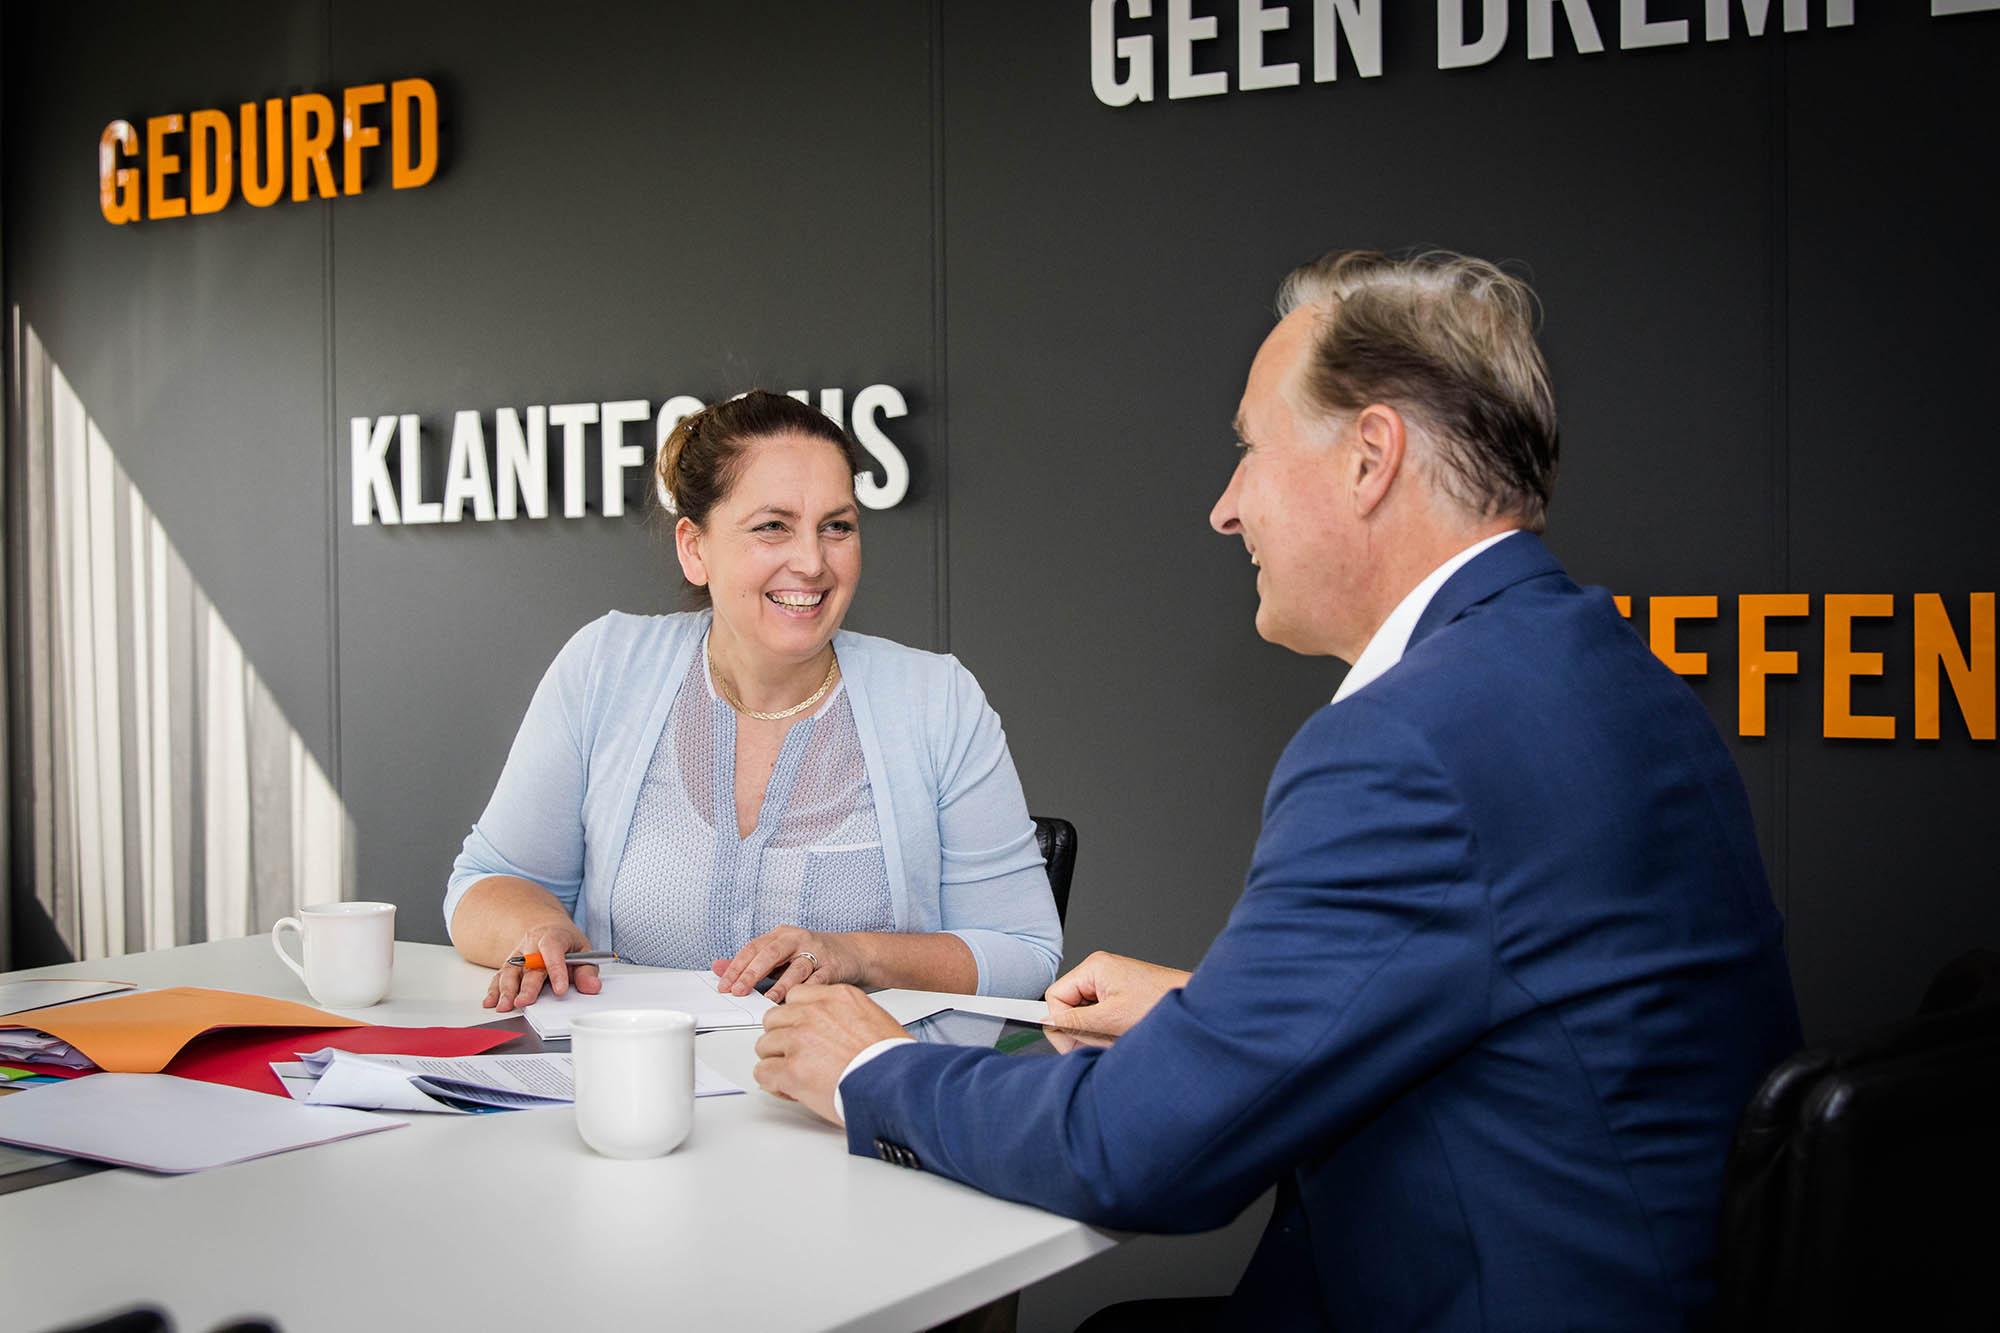 Dommerholt Advocaten Apeldoorn 0182